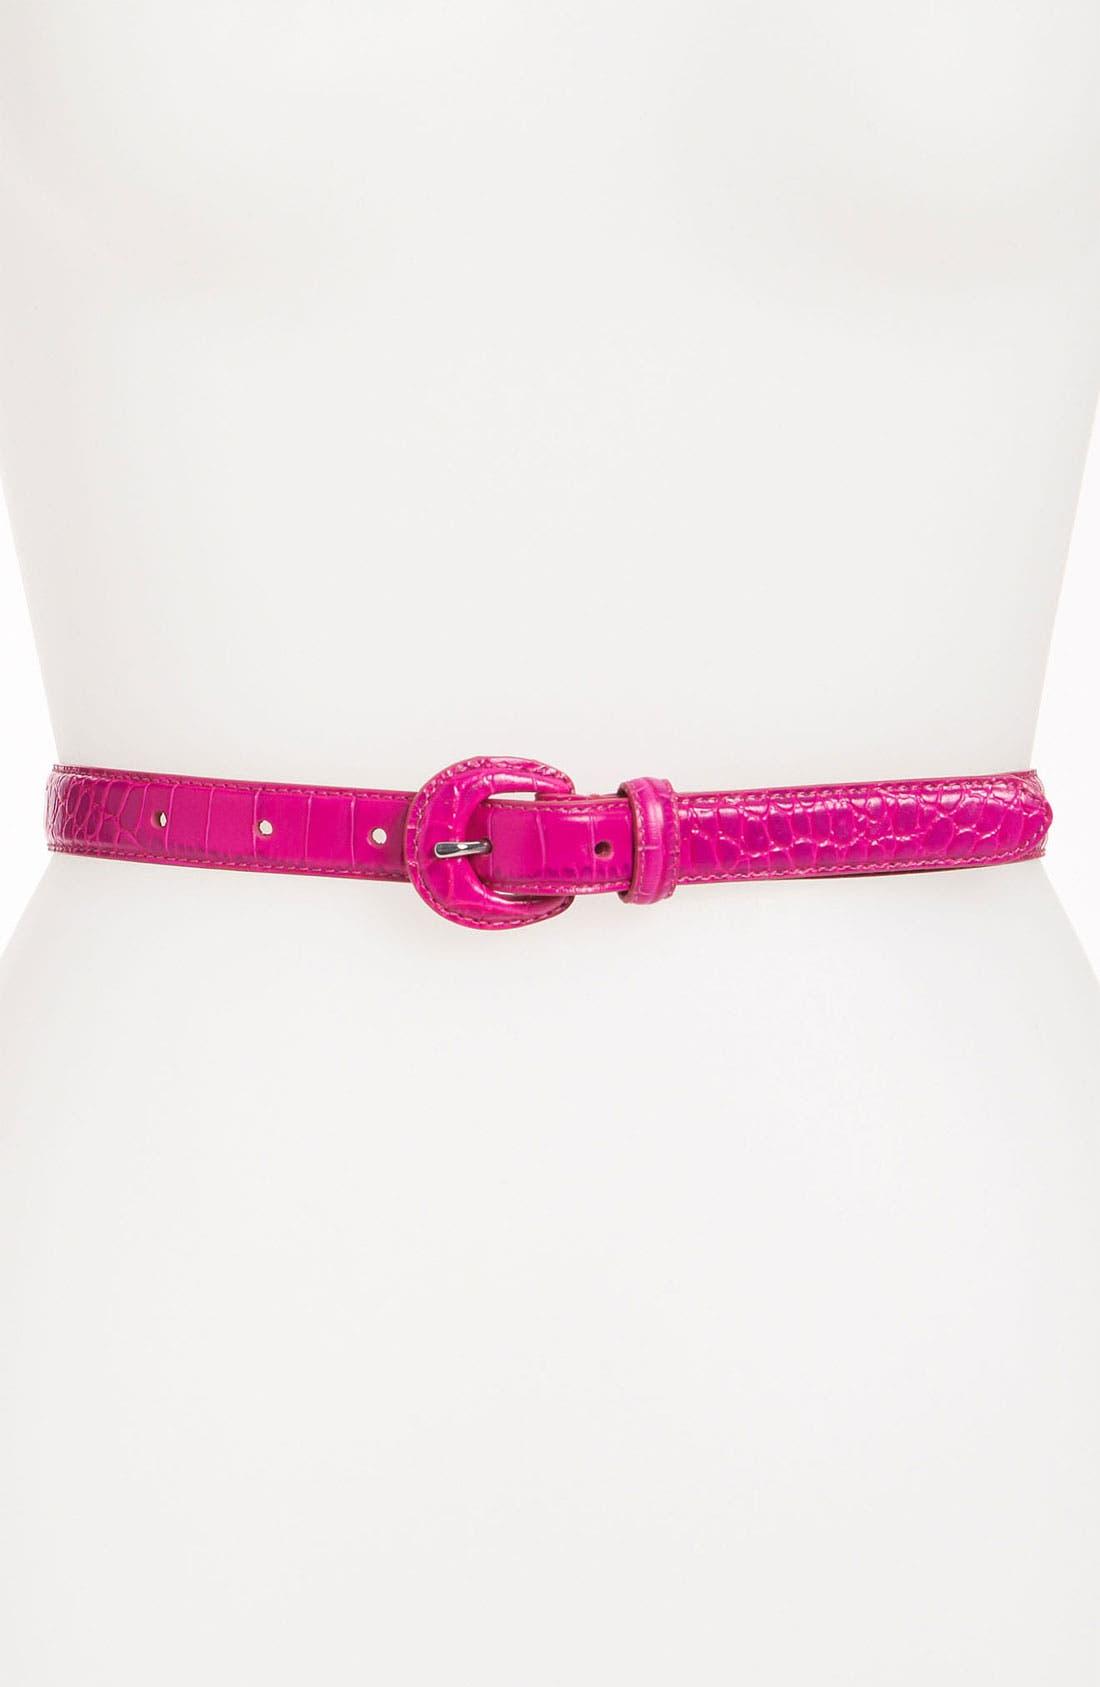 Alternate Image 1 Selected - Lauren Ralph Lauren Croc Embossed Leather Belt